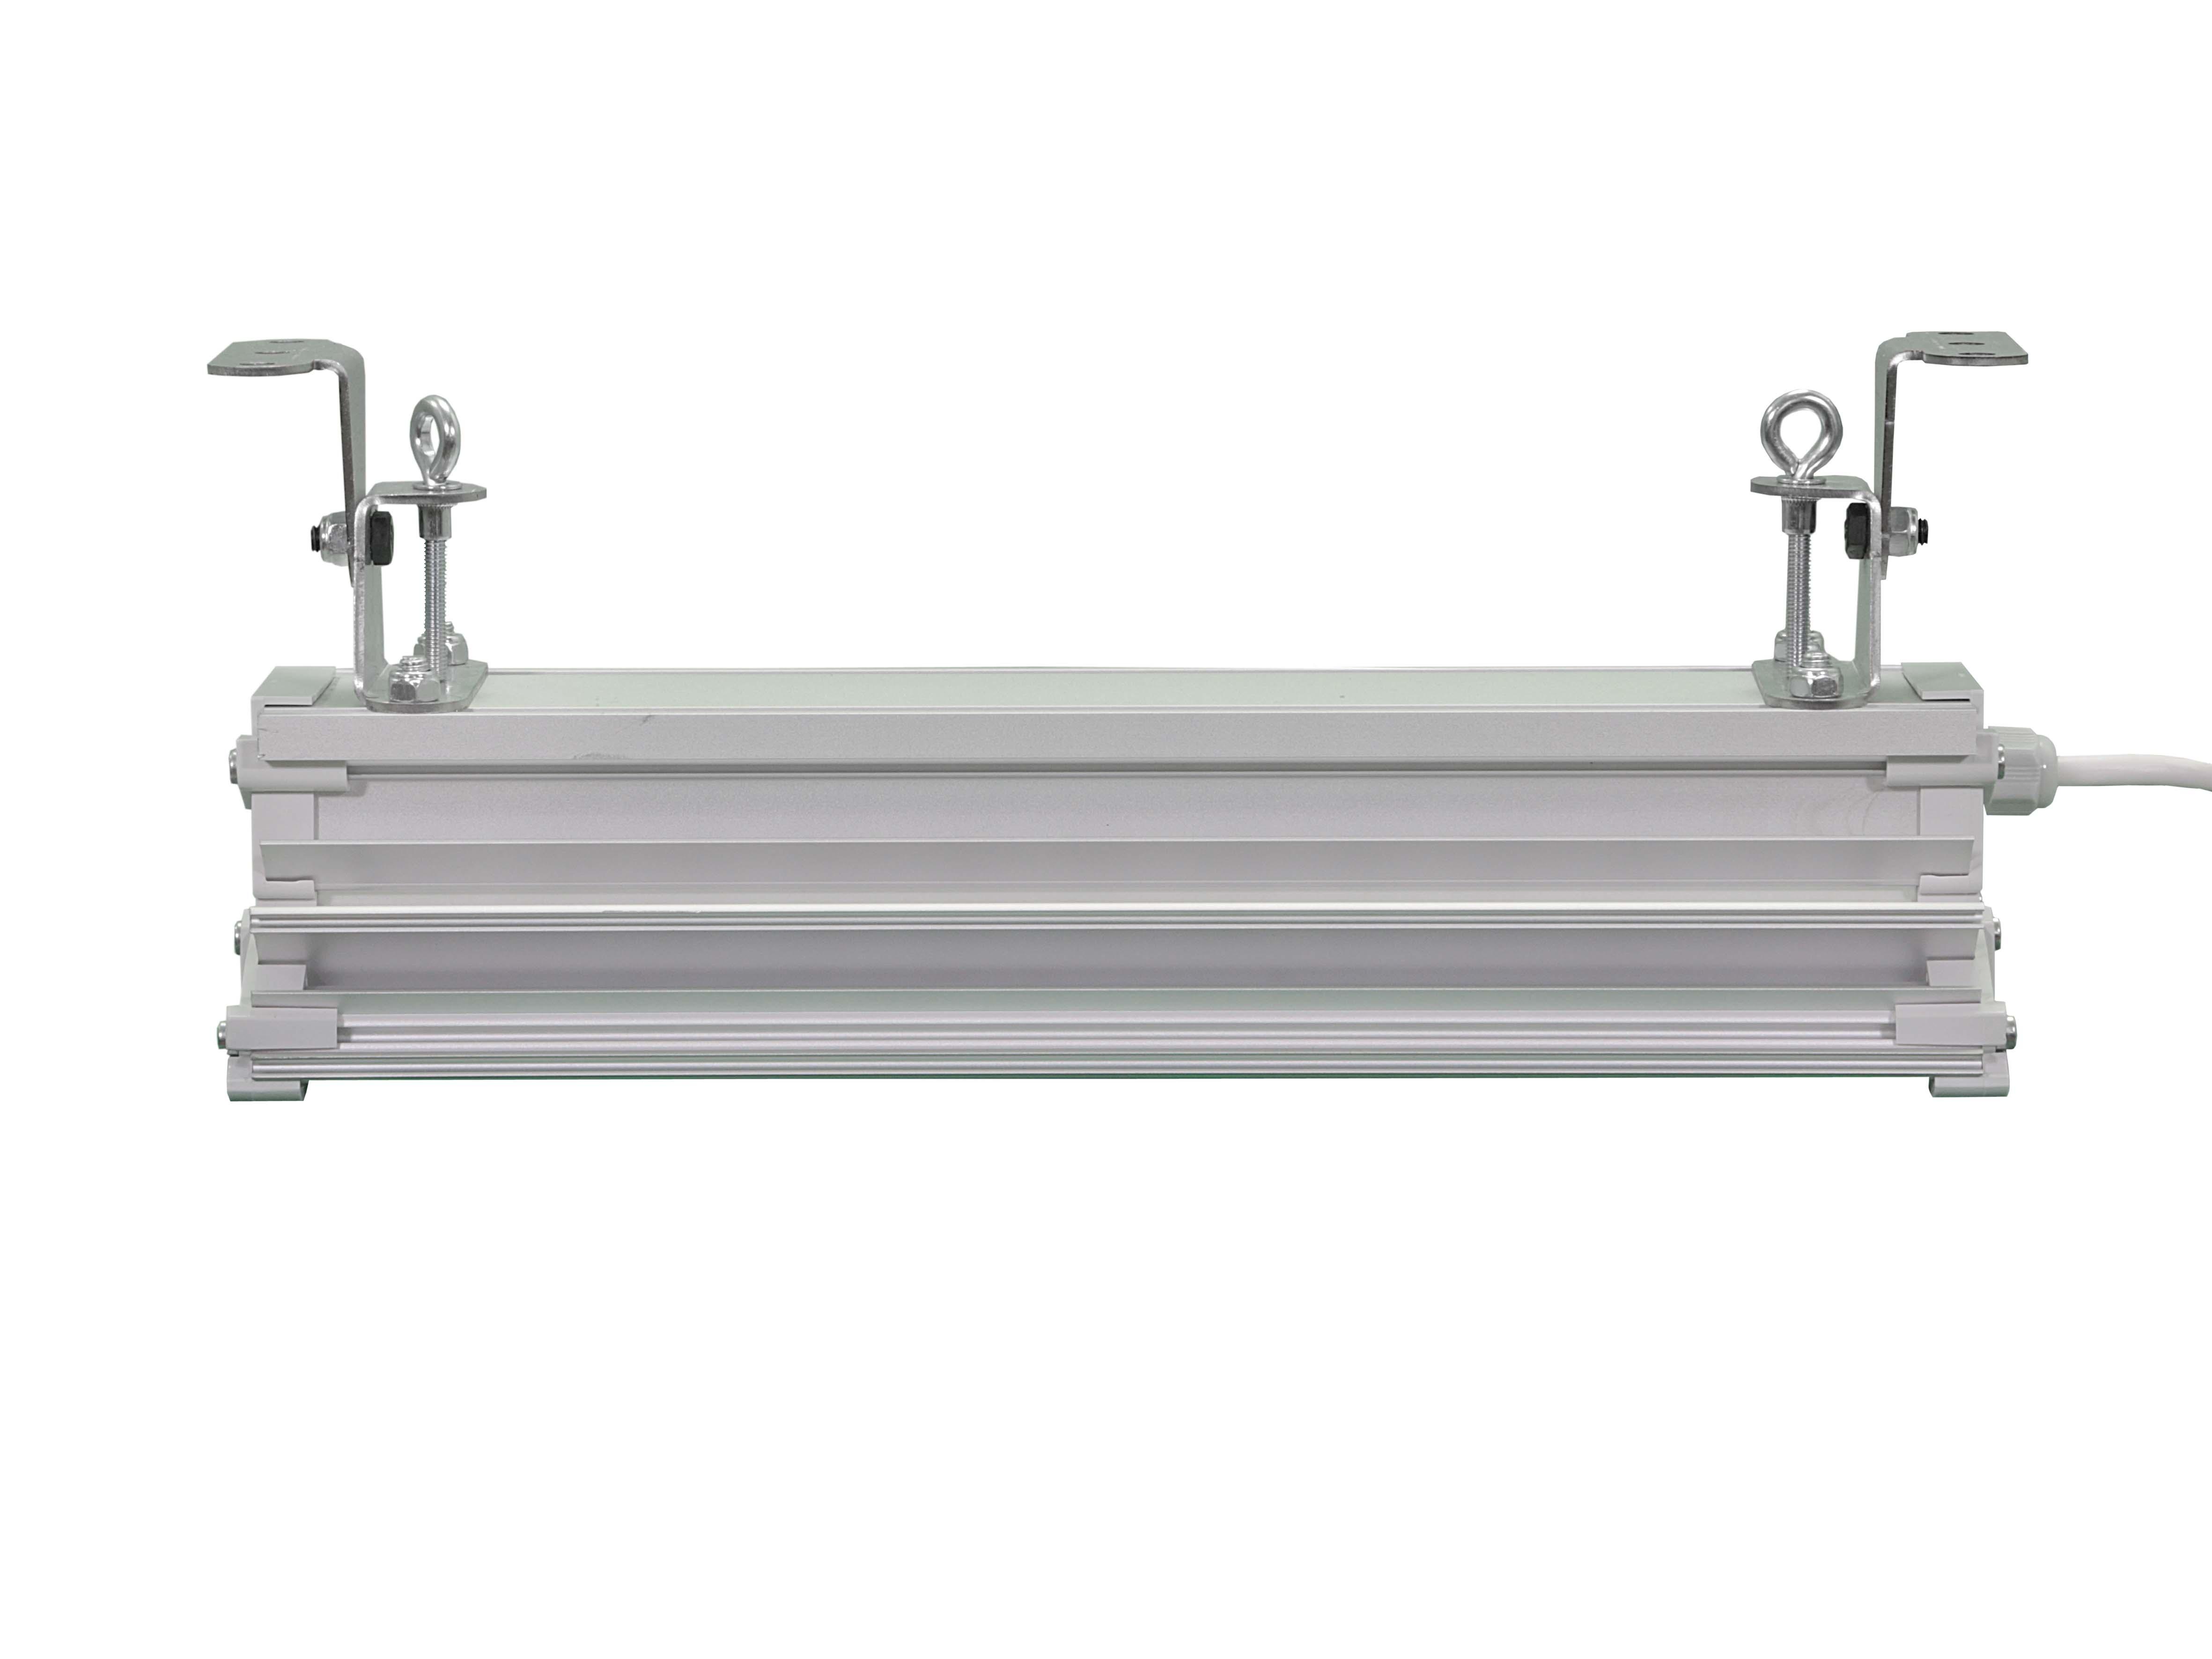 Промышленный светодиодный светильник ДБП-014-400 400Вт 46592Лм